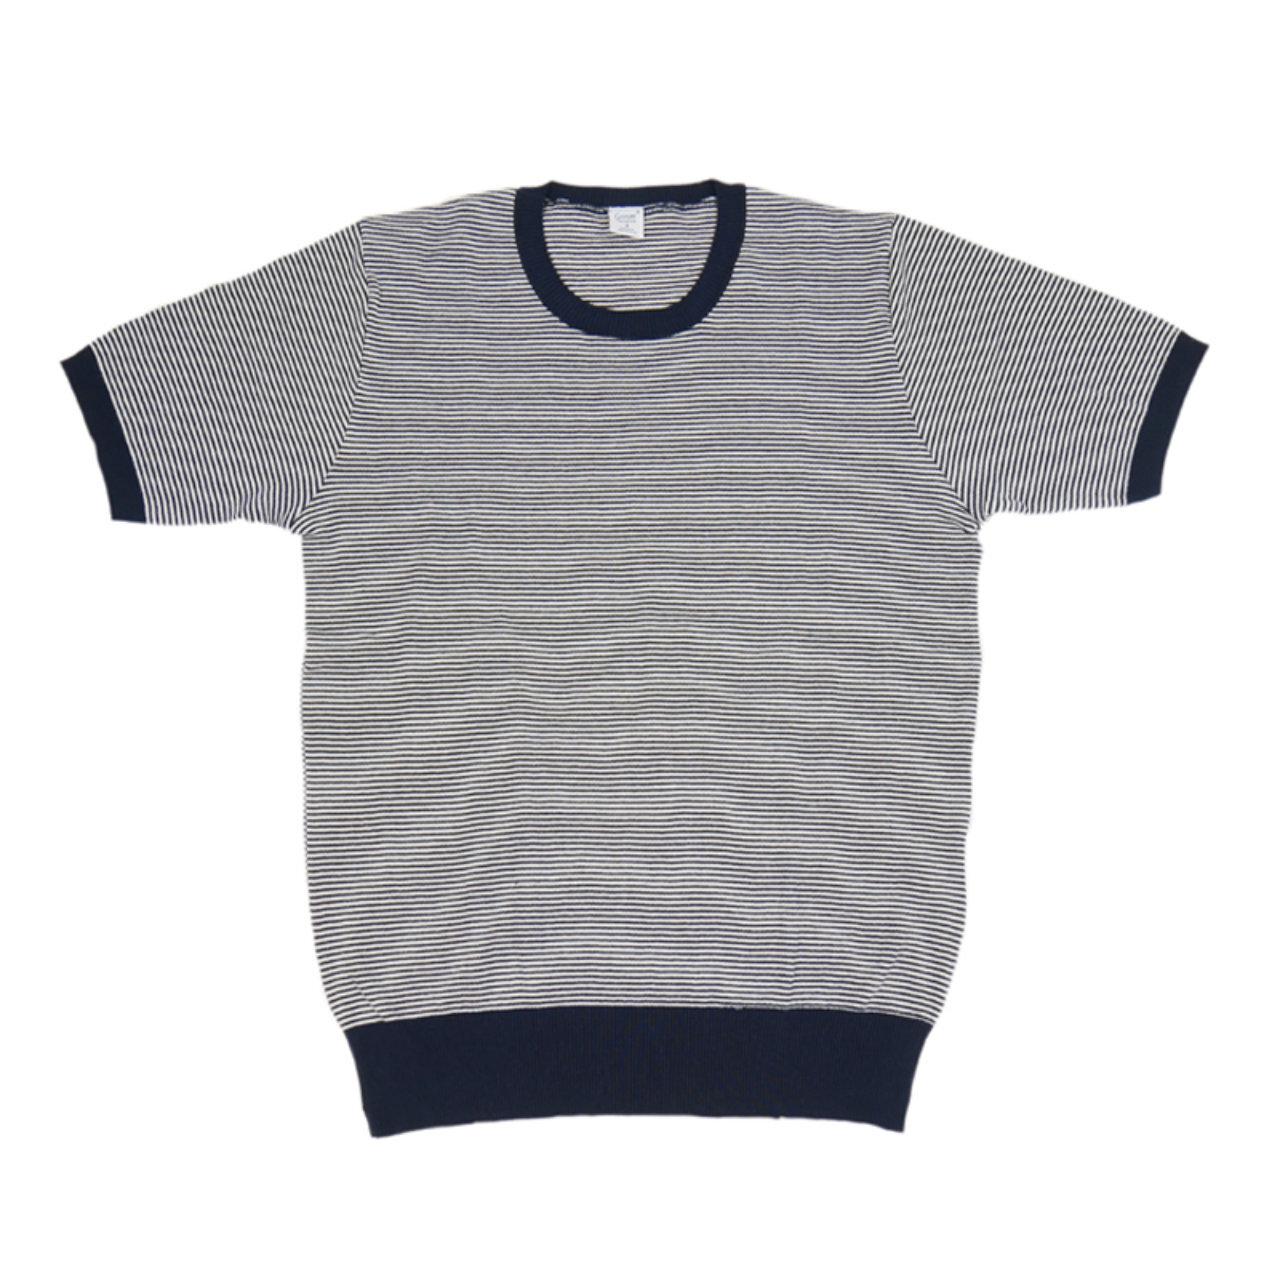 【gicipi】 イタリア製 コットン ニット クルーネック Tシャツ (Giro Collo MM 2006 P) 〈Navy〉